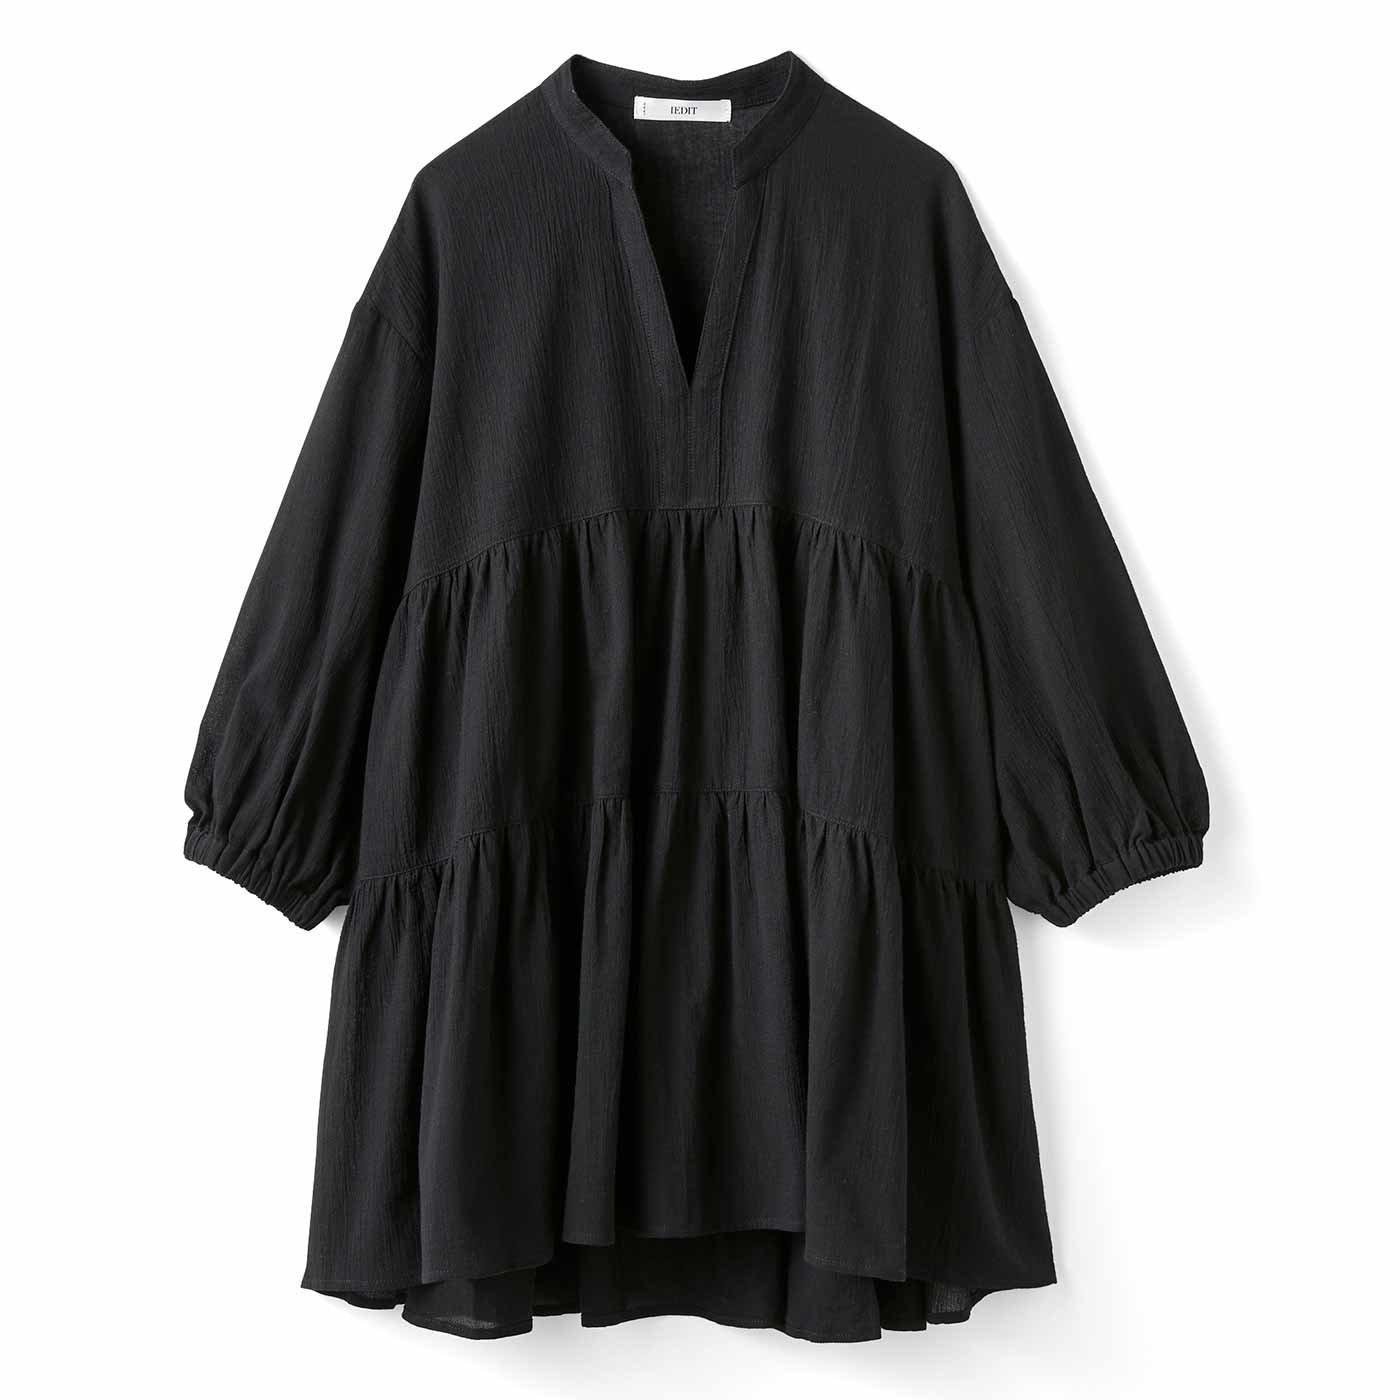 【3~10日でお届け】IEDIT[イディット] 楊柳(ようりゅう)コットン素材のティアードロングブラウス〈ブラック〉